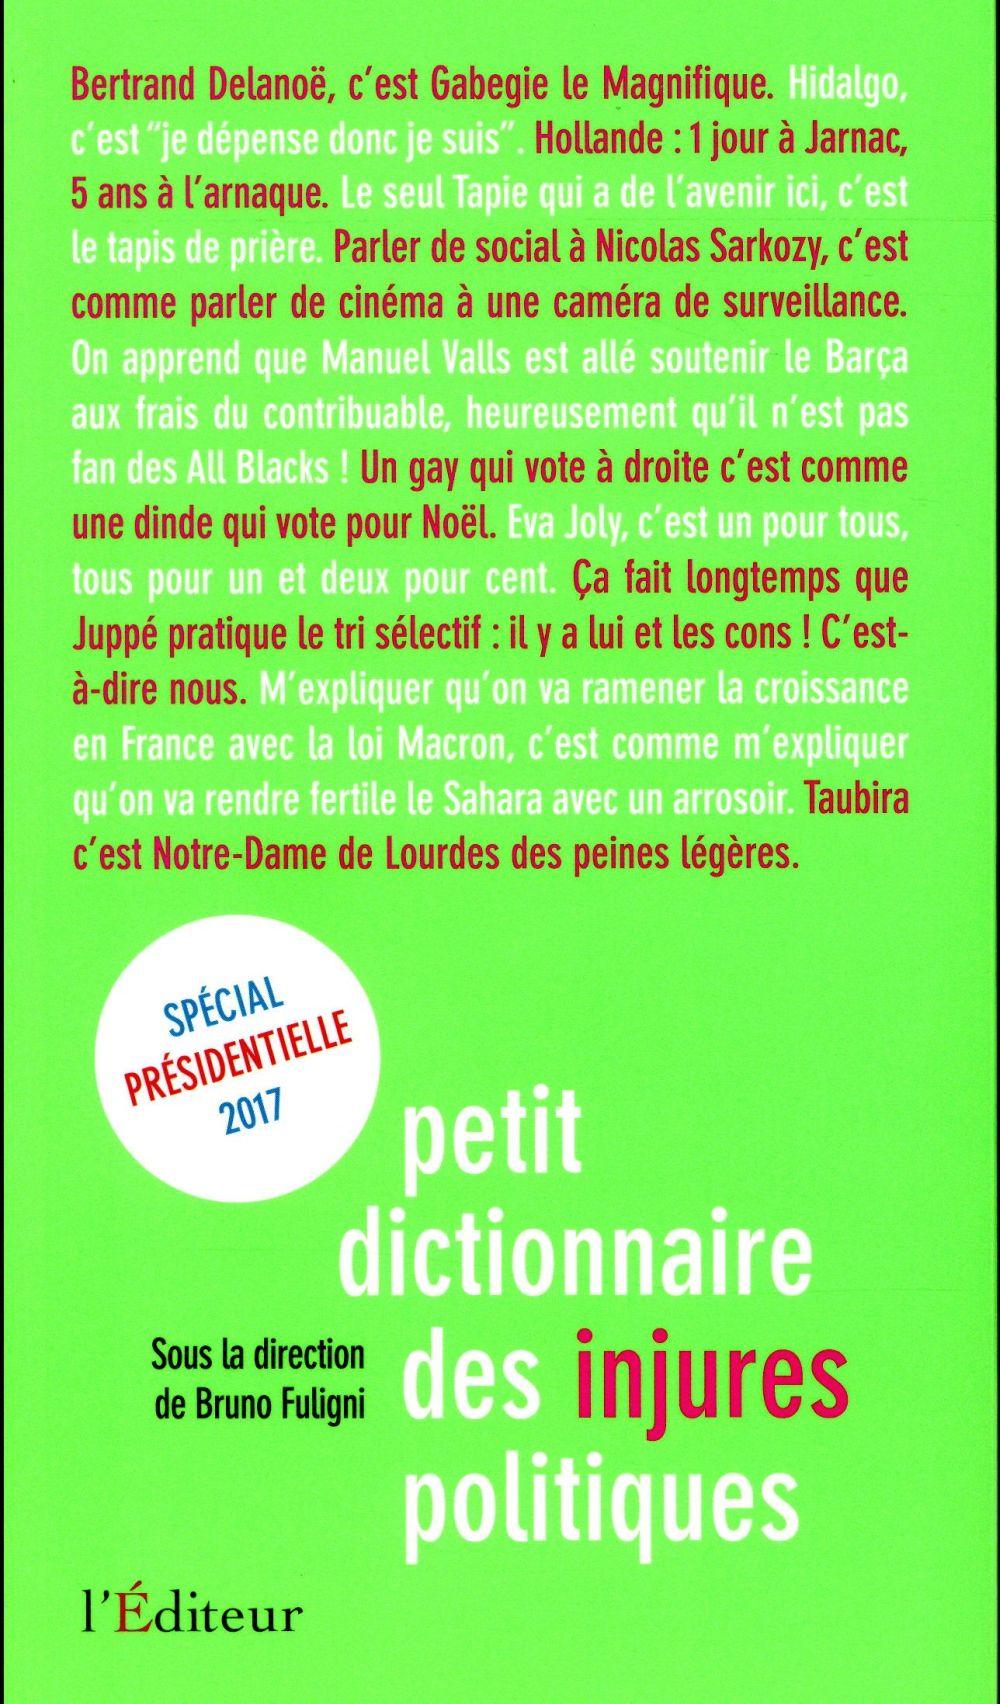 Petit dictionnaire des injures politiques ; spécial présidentielle 2017